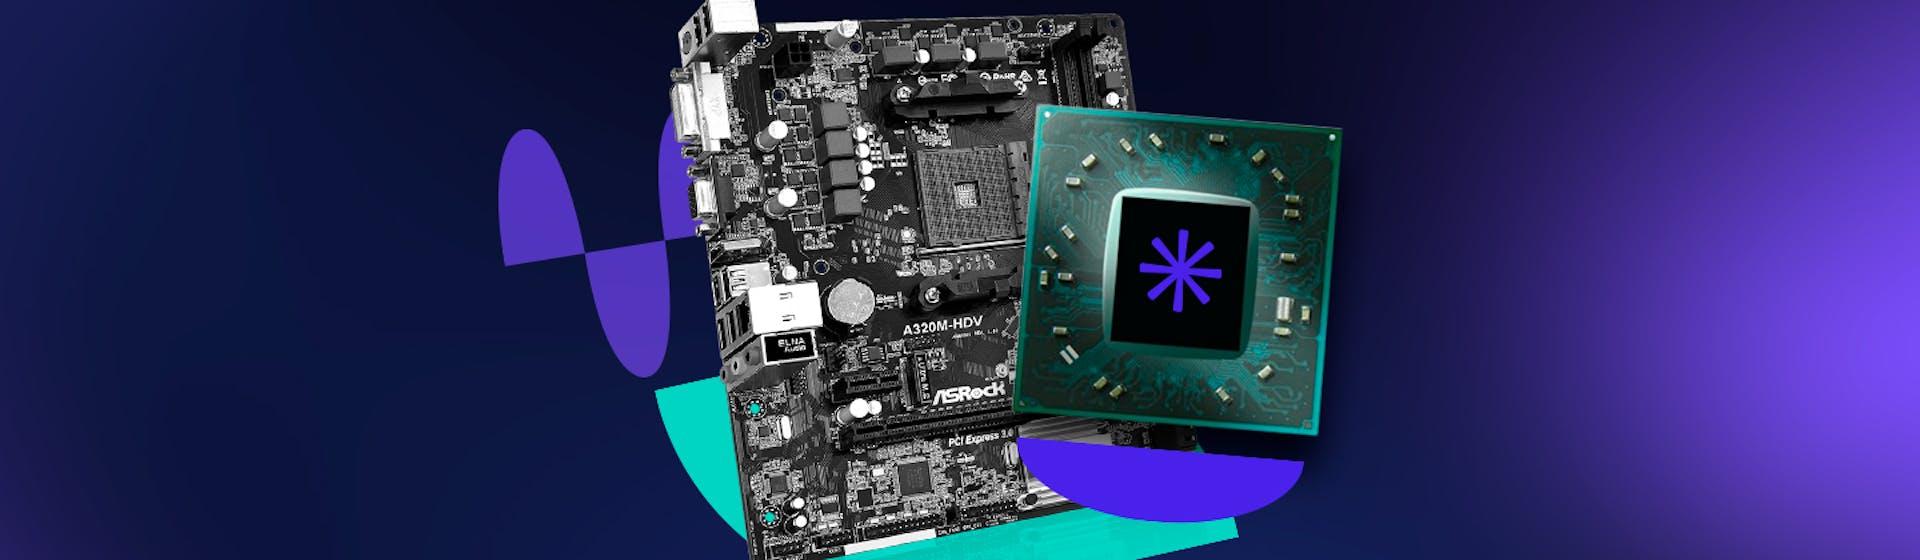 ¿Qué es el chipset? Conoce cómo funciona una parte del corazón de tu ordenador